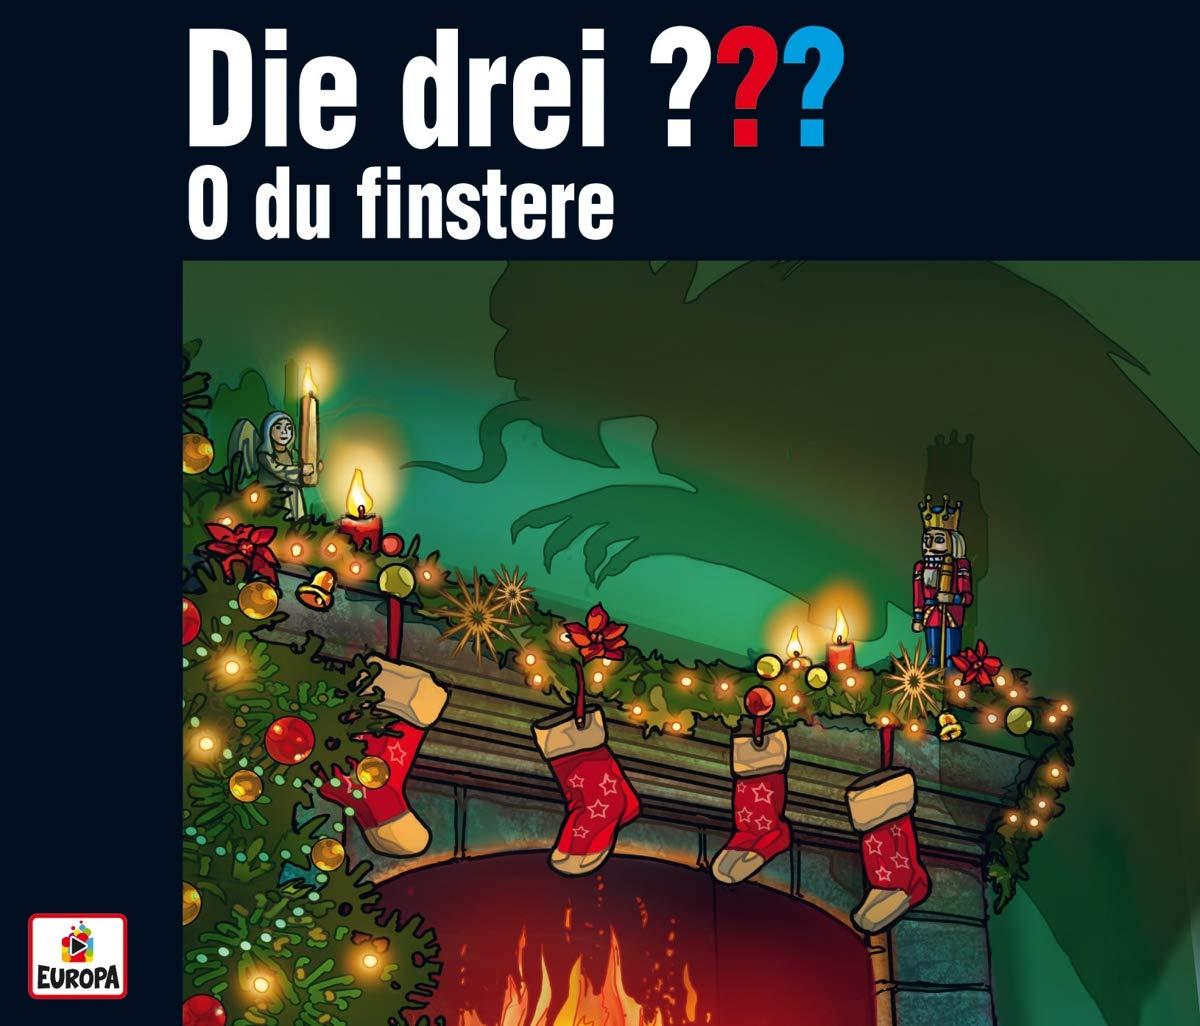 Die drei Fragezeichen - Adventskalender: O du finstere (Album Cover)